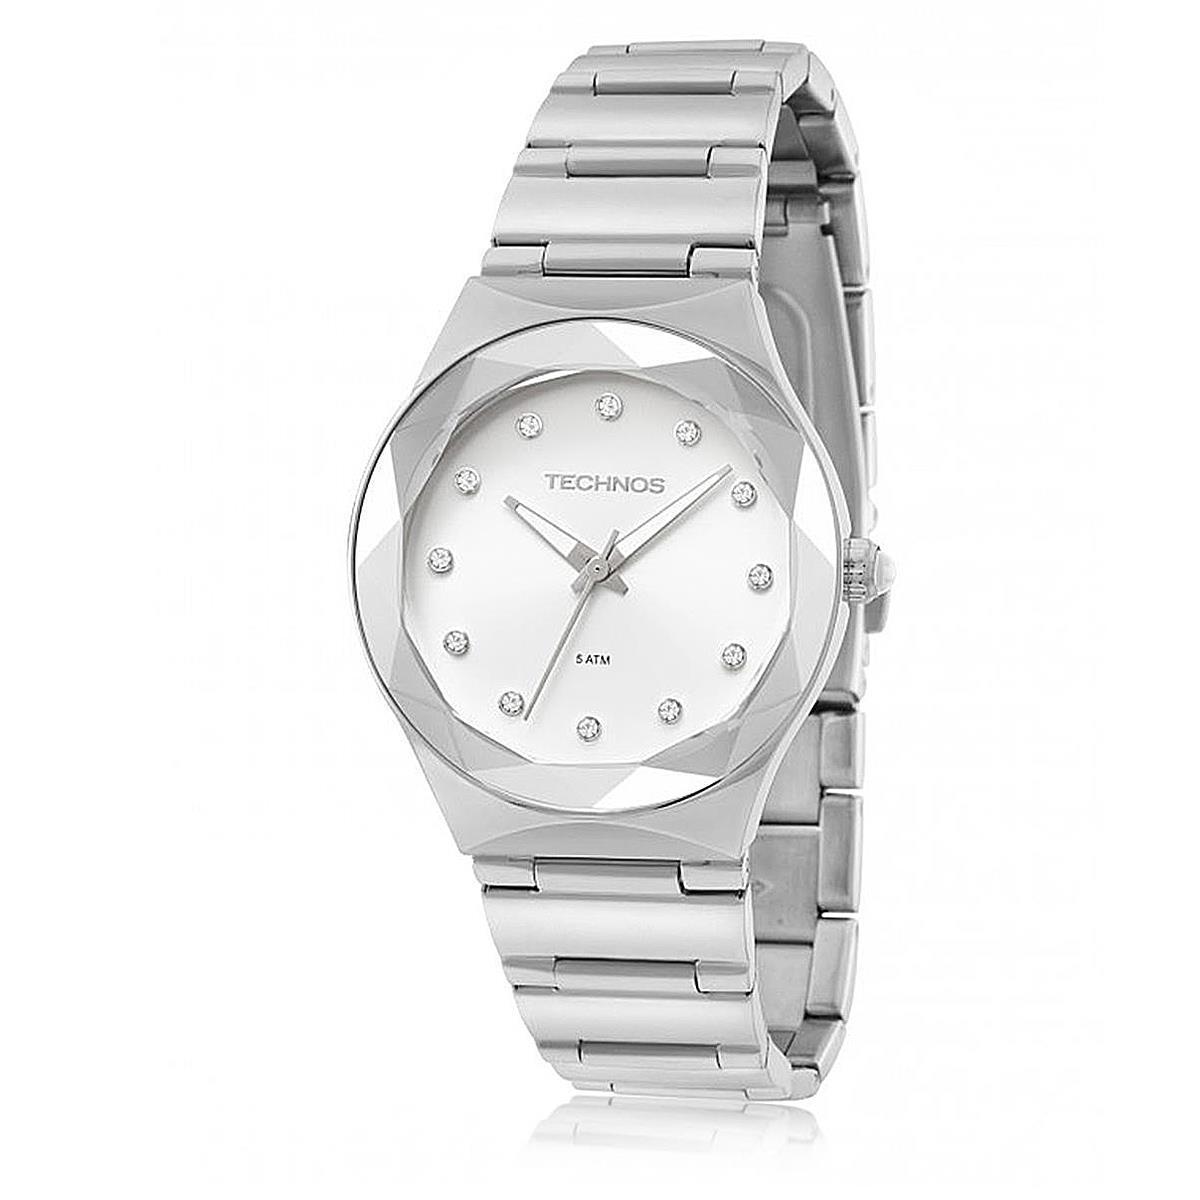 Relógio Feminino Technos Elegance Crystal 2035MFJ 1K Aço com Cristais R   450,00 à vista. Adicionar à sacola 59f36d47ae